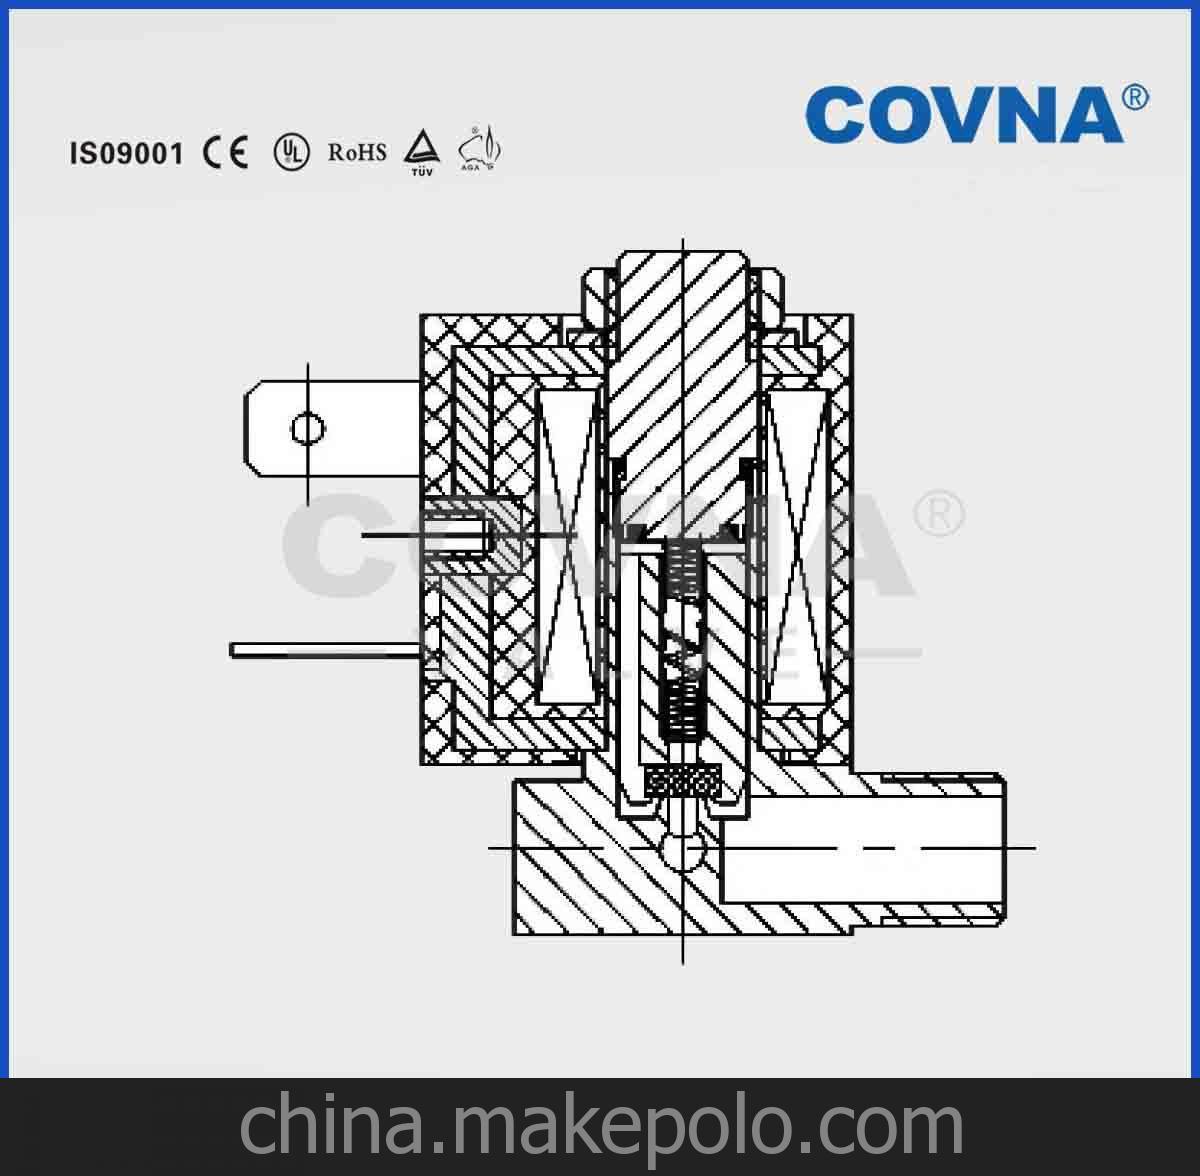 科威纳二通常闭直角电磁阀 蒸汽熨斗蒸汽地拖小家电配件